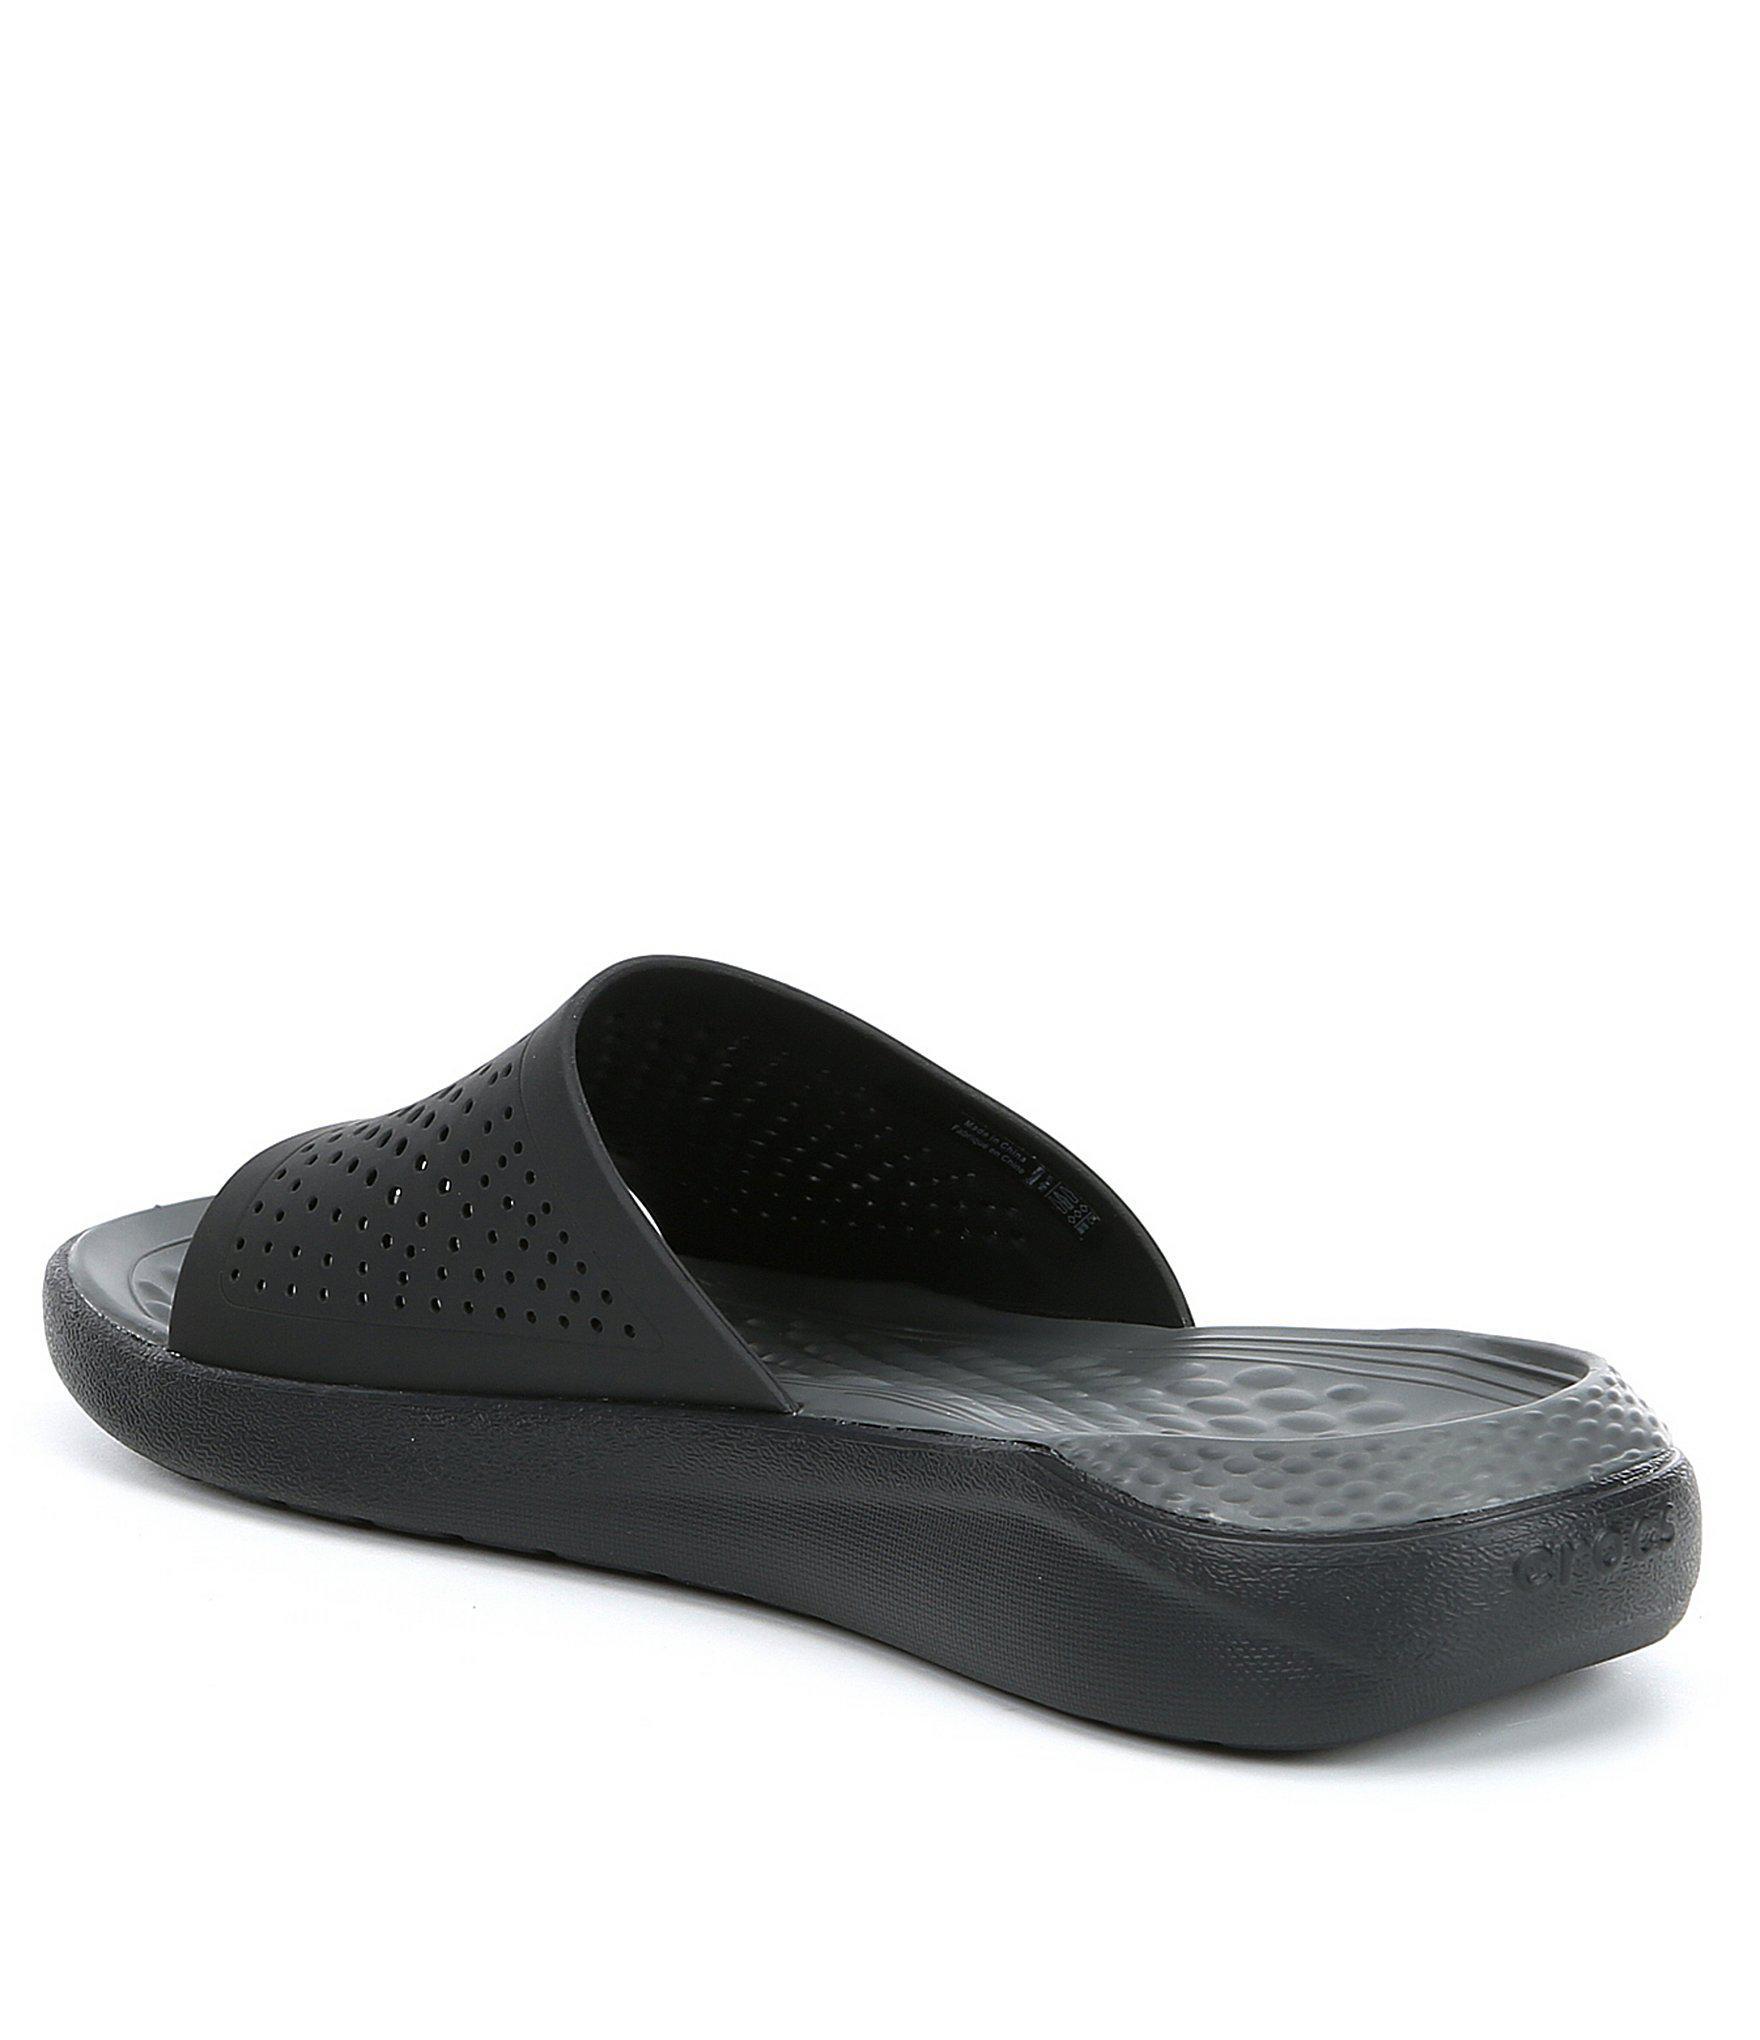 ee10497c5 Lyst - Crocs™ Men s Literide (tm) Slide in Black for Men